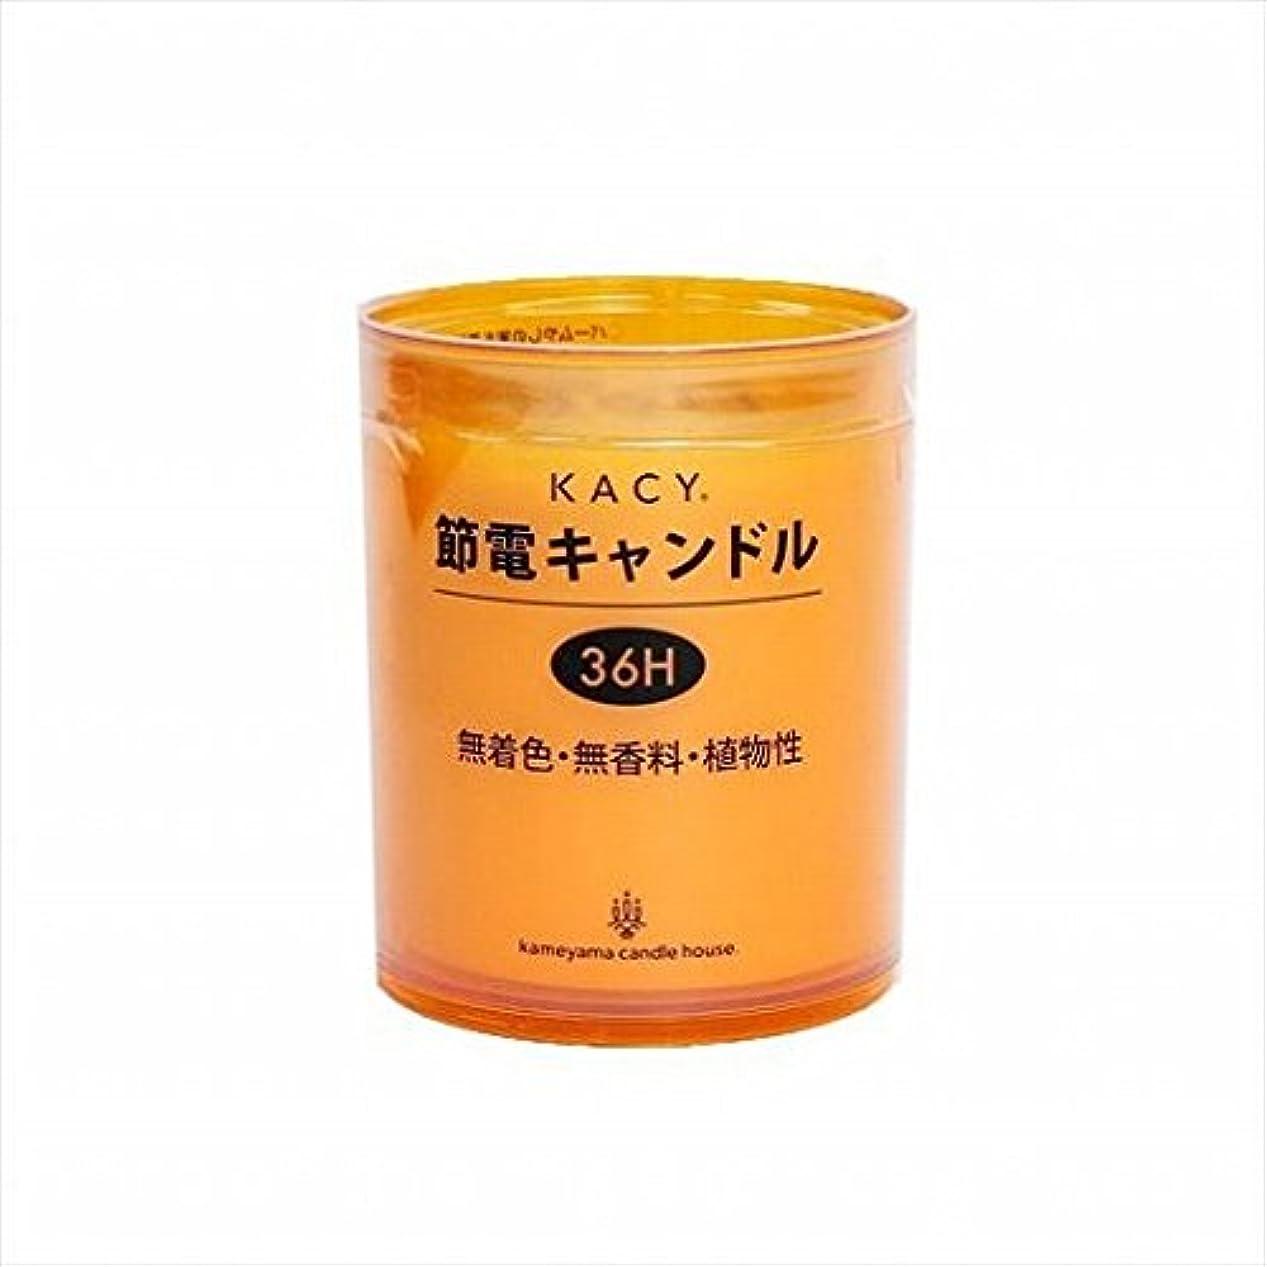 発見元気サミットkameyama candle(カメヤマキャンドル) 節電キャンドル 36時間タイプ 「 オレンジ 」 キャンドル 83x83x100mm (A9610010OR)